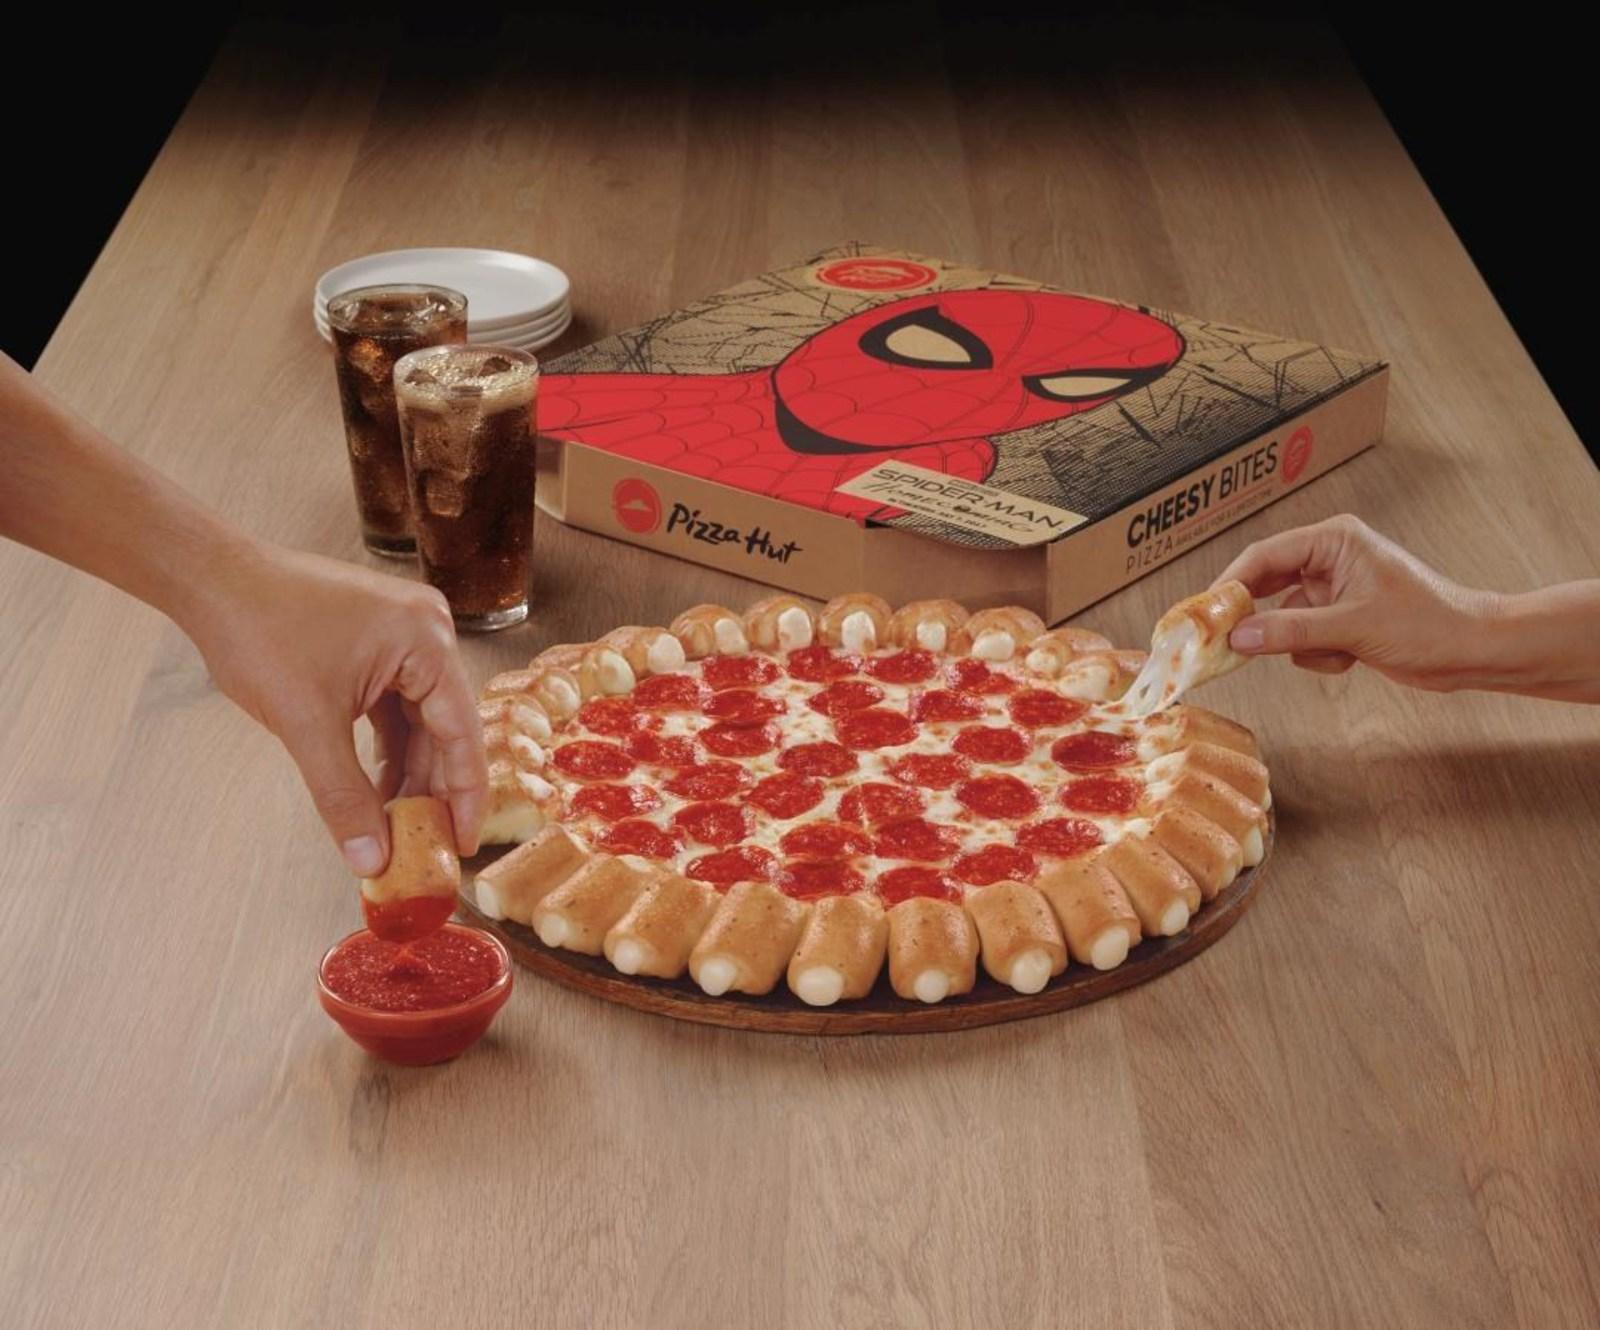 Pizza Hut Cheesy